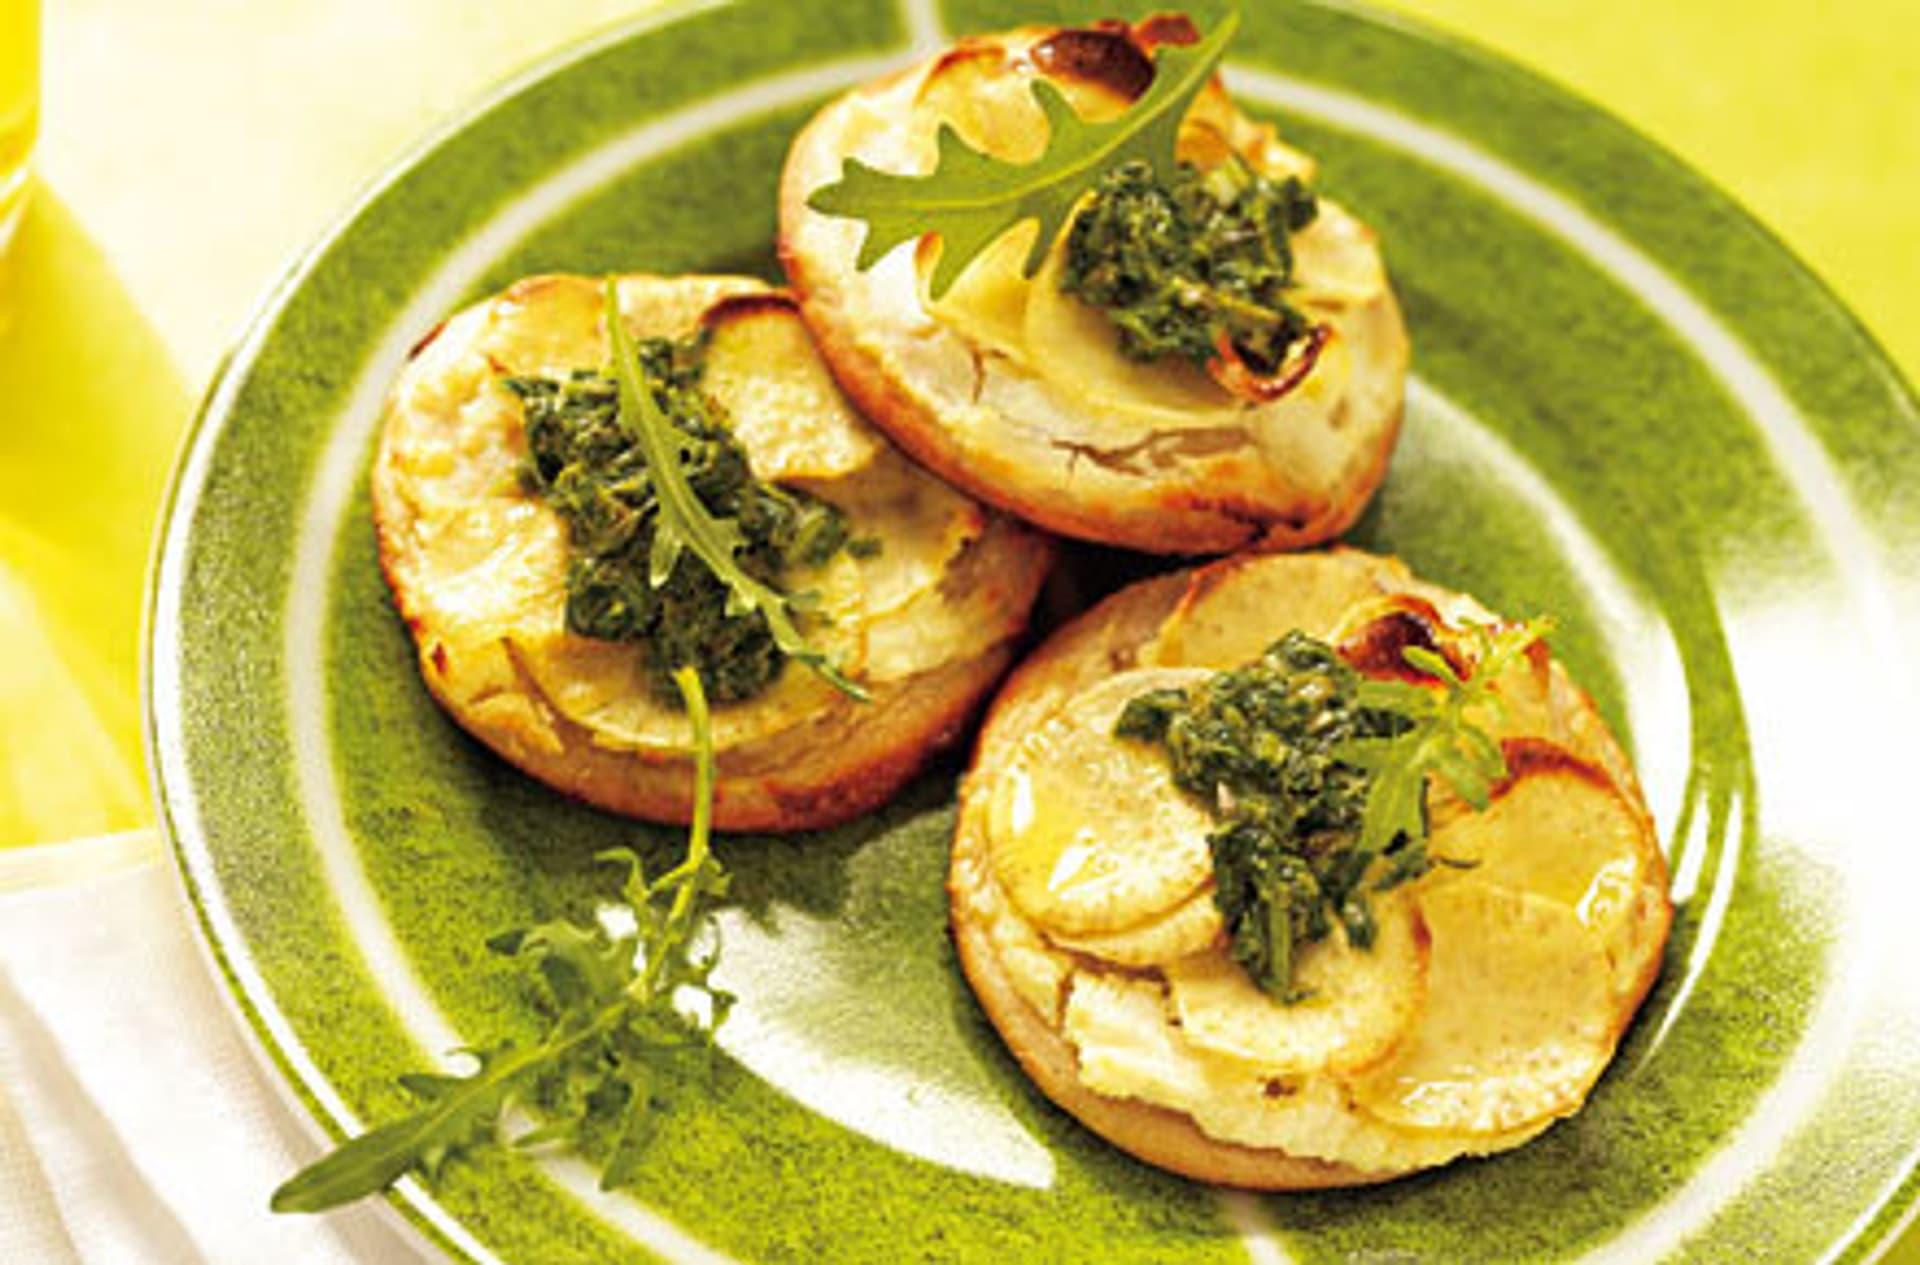 Suesskartoffelpizza mit rucola sosse